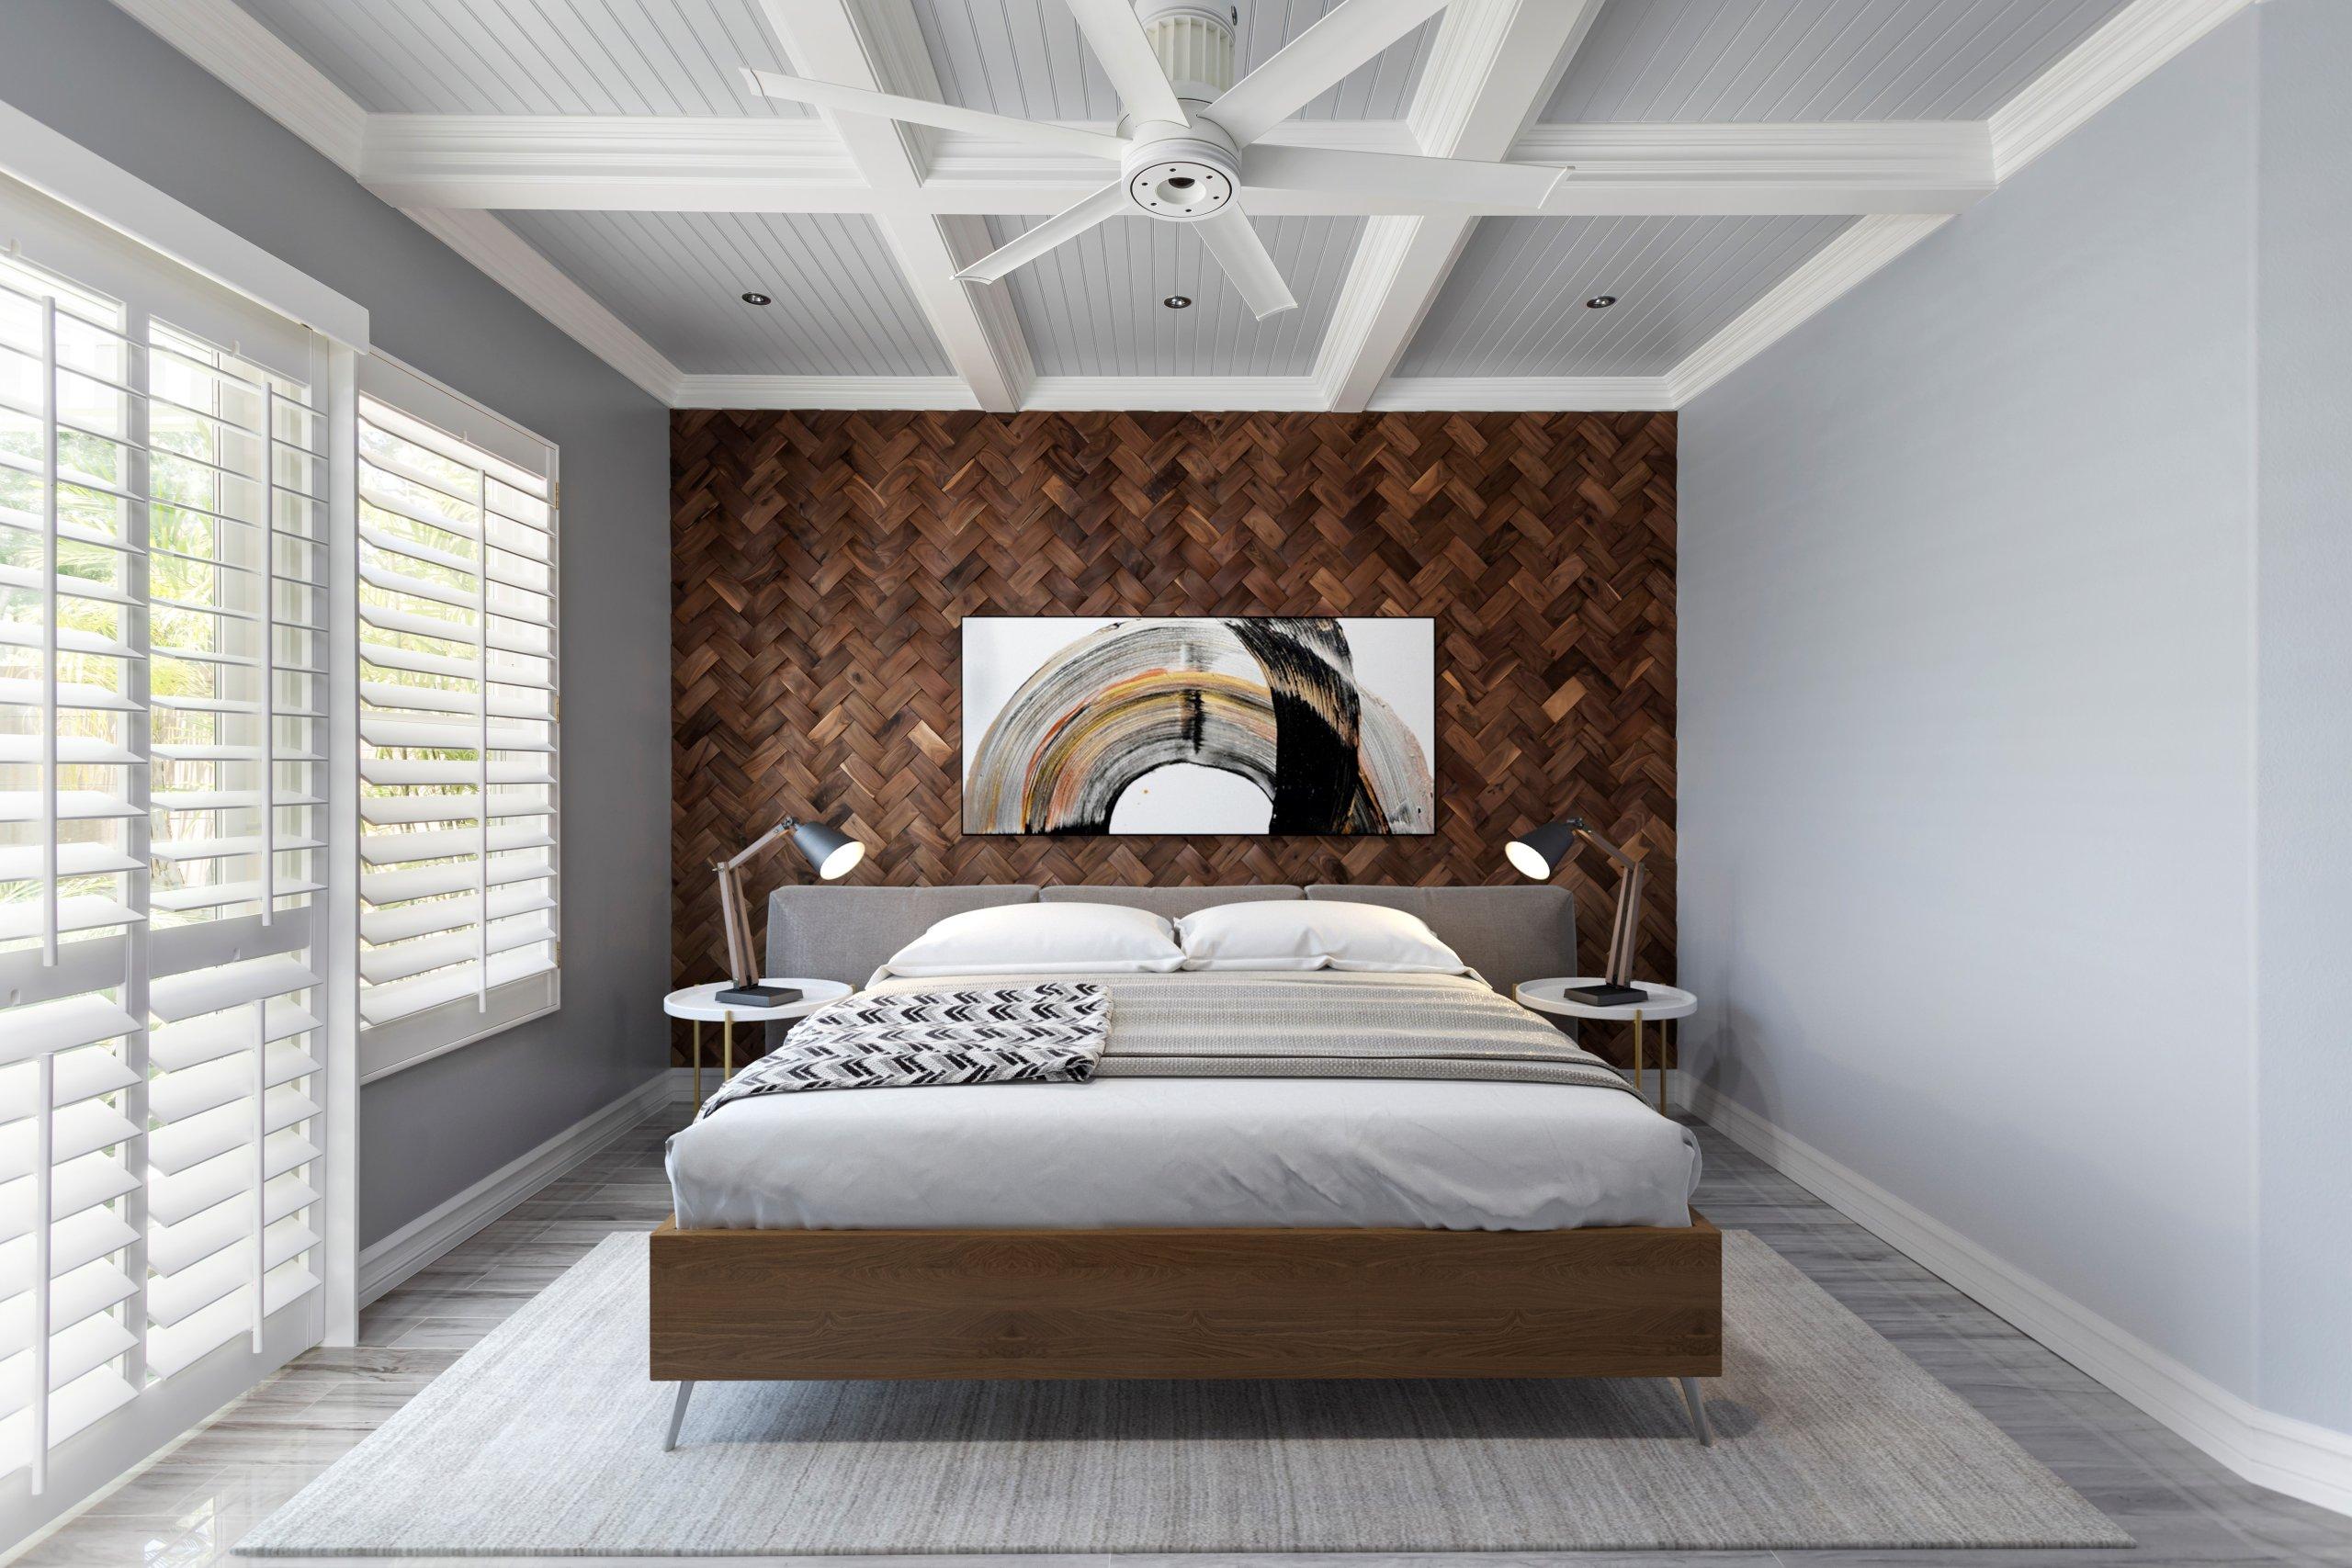 Bedroom lighting plan